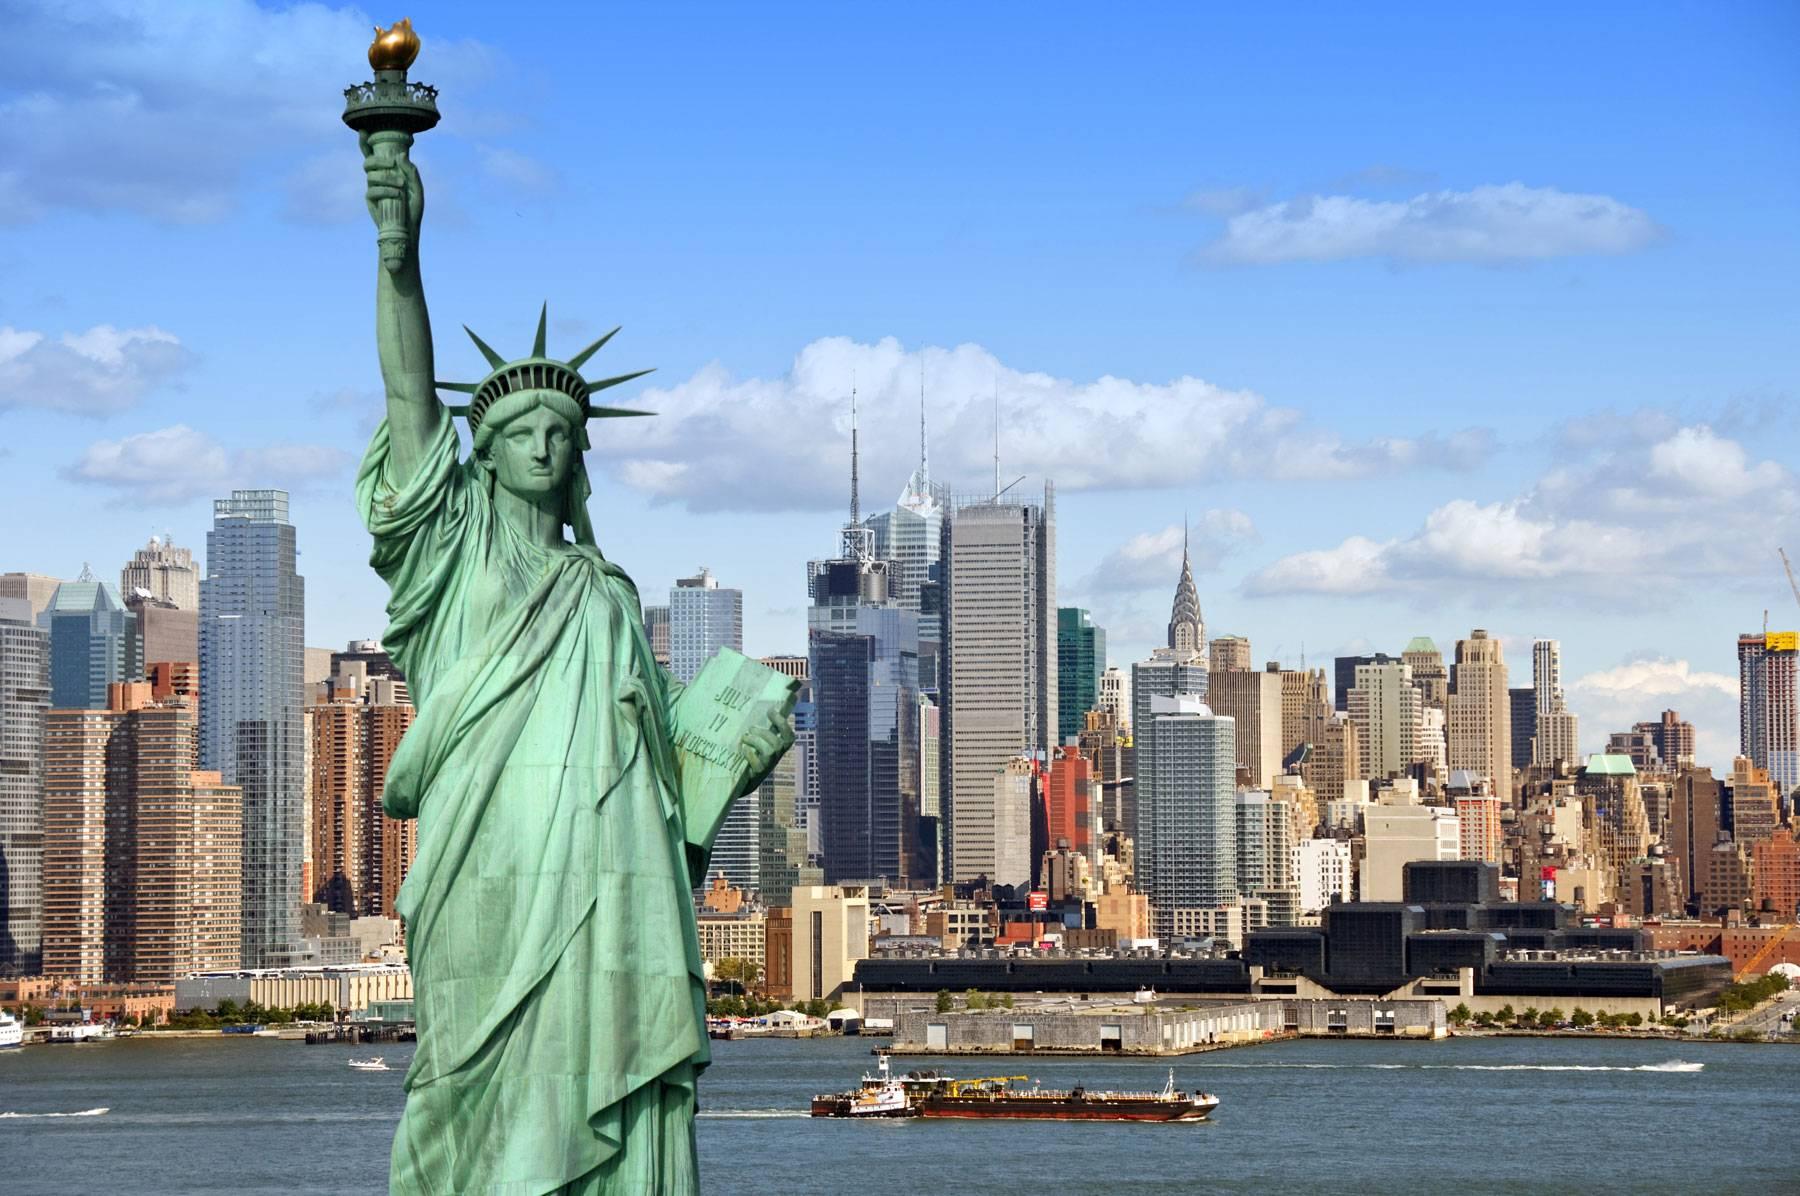 Zgürlük Anıtının Parasını Sultan Abdülaziz Vermişti.Özgürlük Anıtı Veya Özgürlük Heykeli ABDnin New York Inşa Edildiği 1886 Yılından Bu Yana Amerikanın Simgesi Olan Anıtsal Heykeli